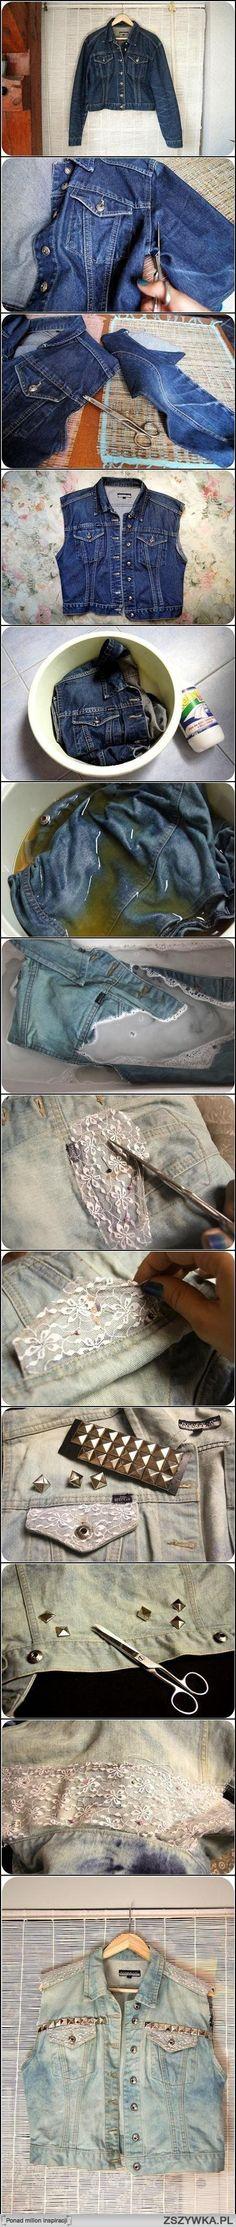 Zobacz zdjęcie Pomysł na starą jeansową kurtkę w pełnej rozdzielczości